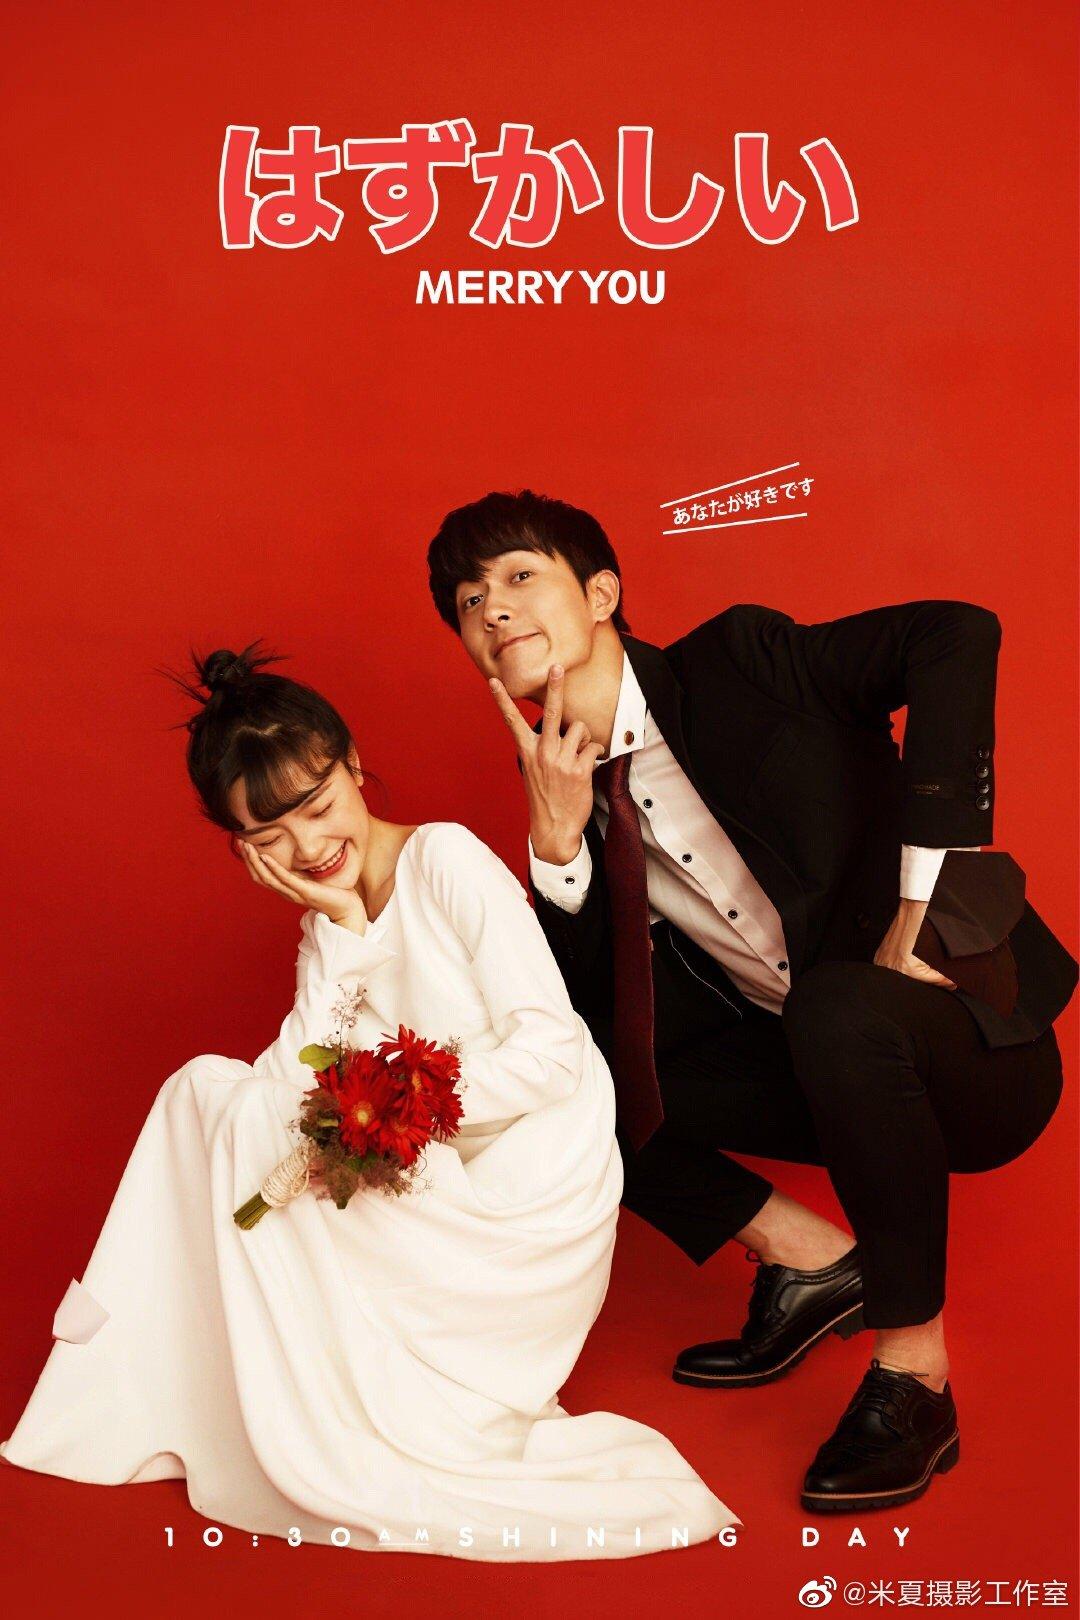 『喜嫁系列』惊艳时光 回忆起会有不一样的感觉的复古胶片婚纱照